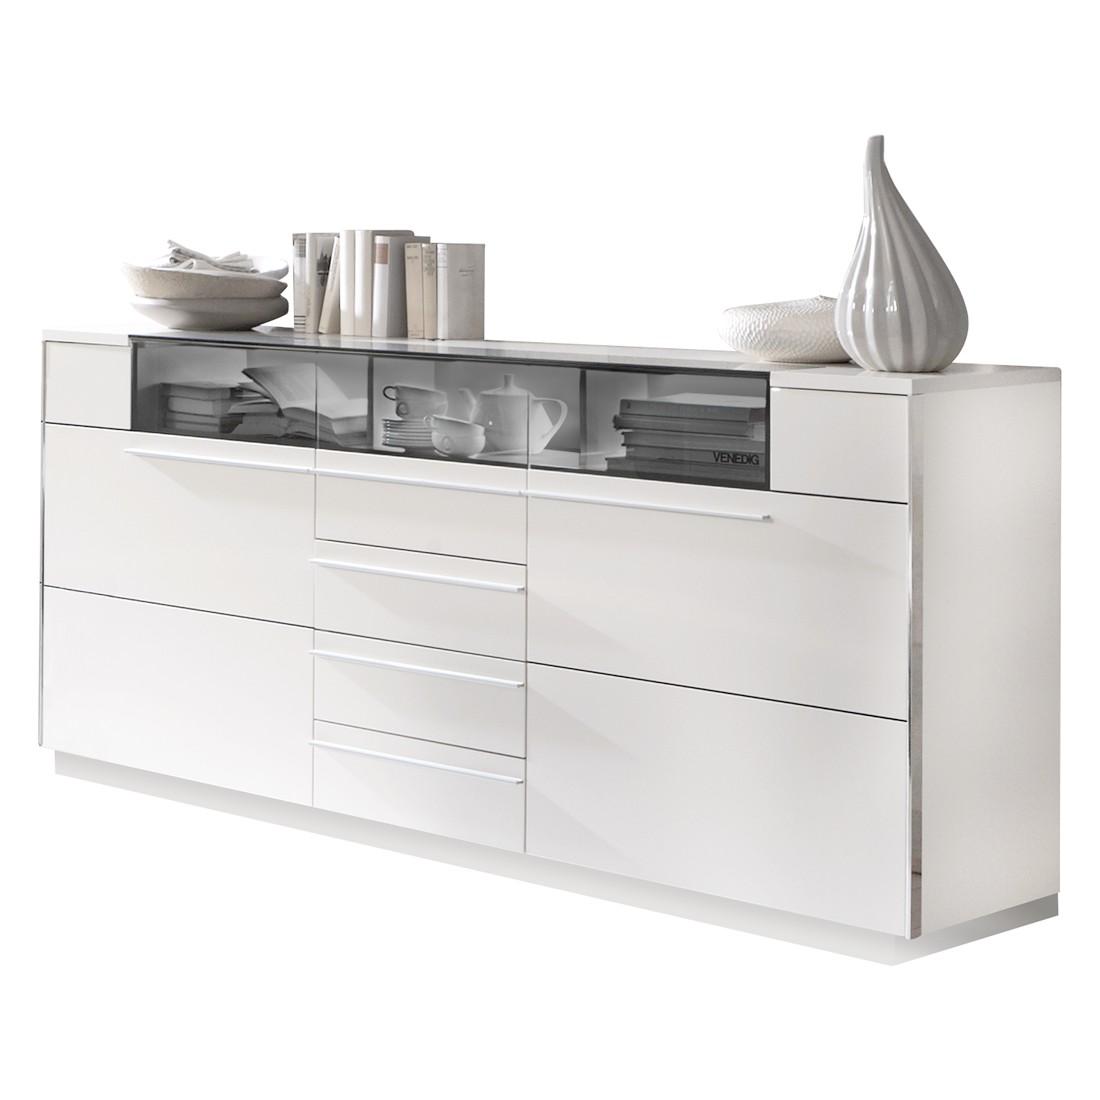 sideboard roomconcept polarwei ohne beleuchtung mit sockel holtkamp g nstig online kaufen. Black Bedroom Furniture Sets. Home Design Ideas